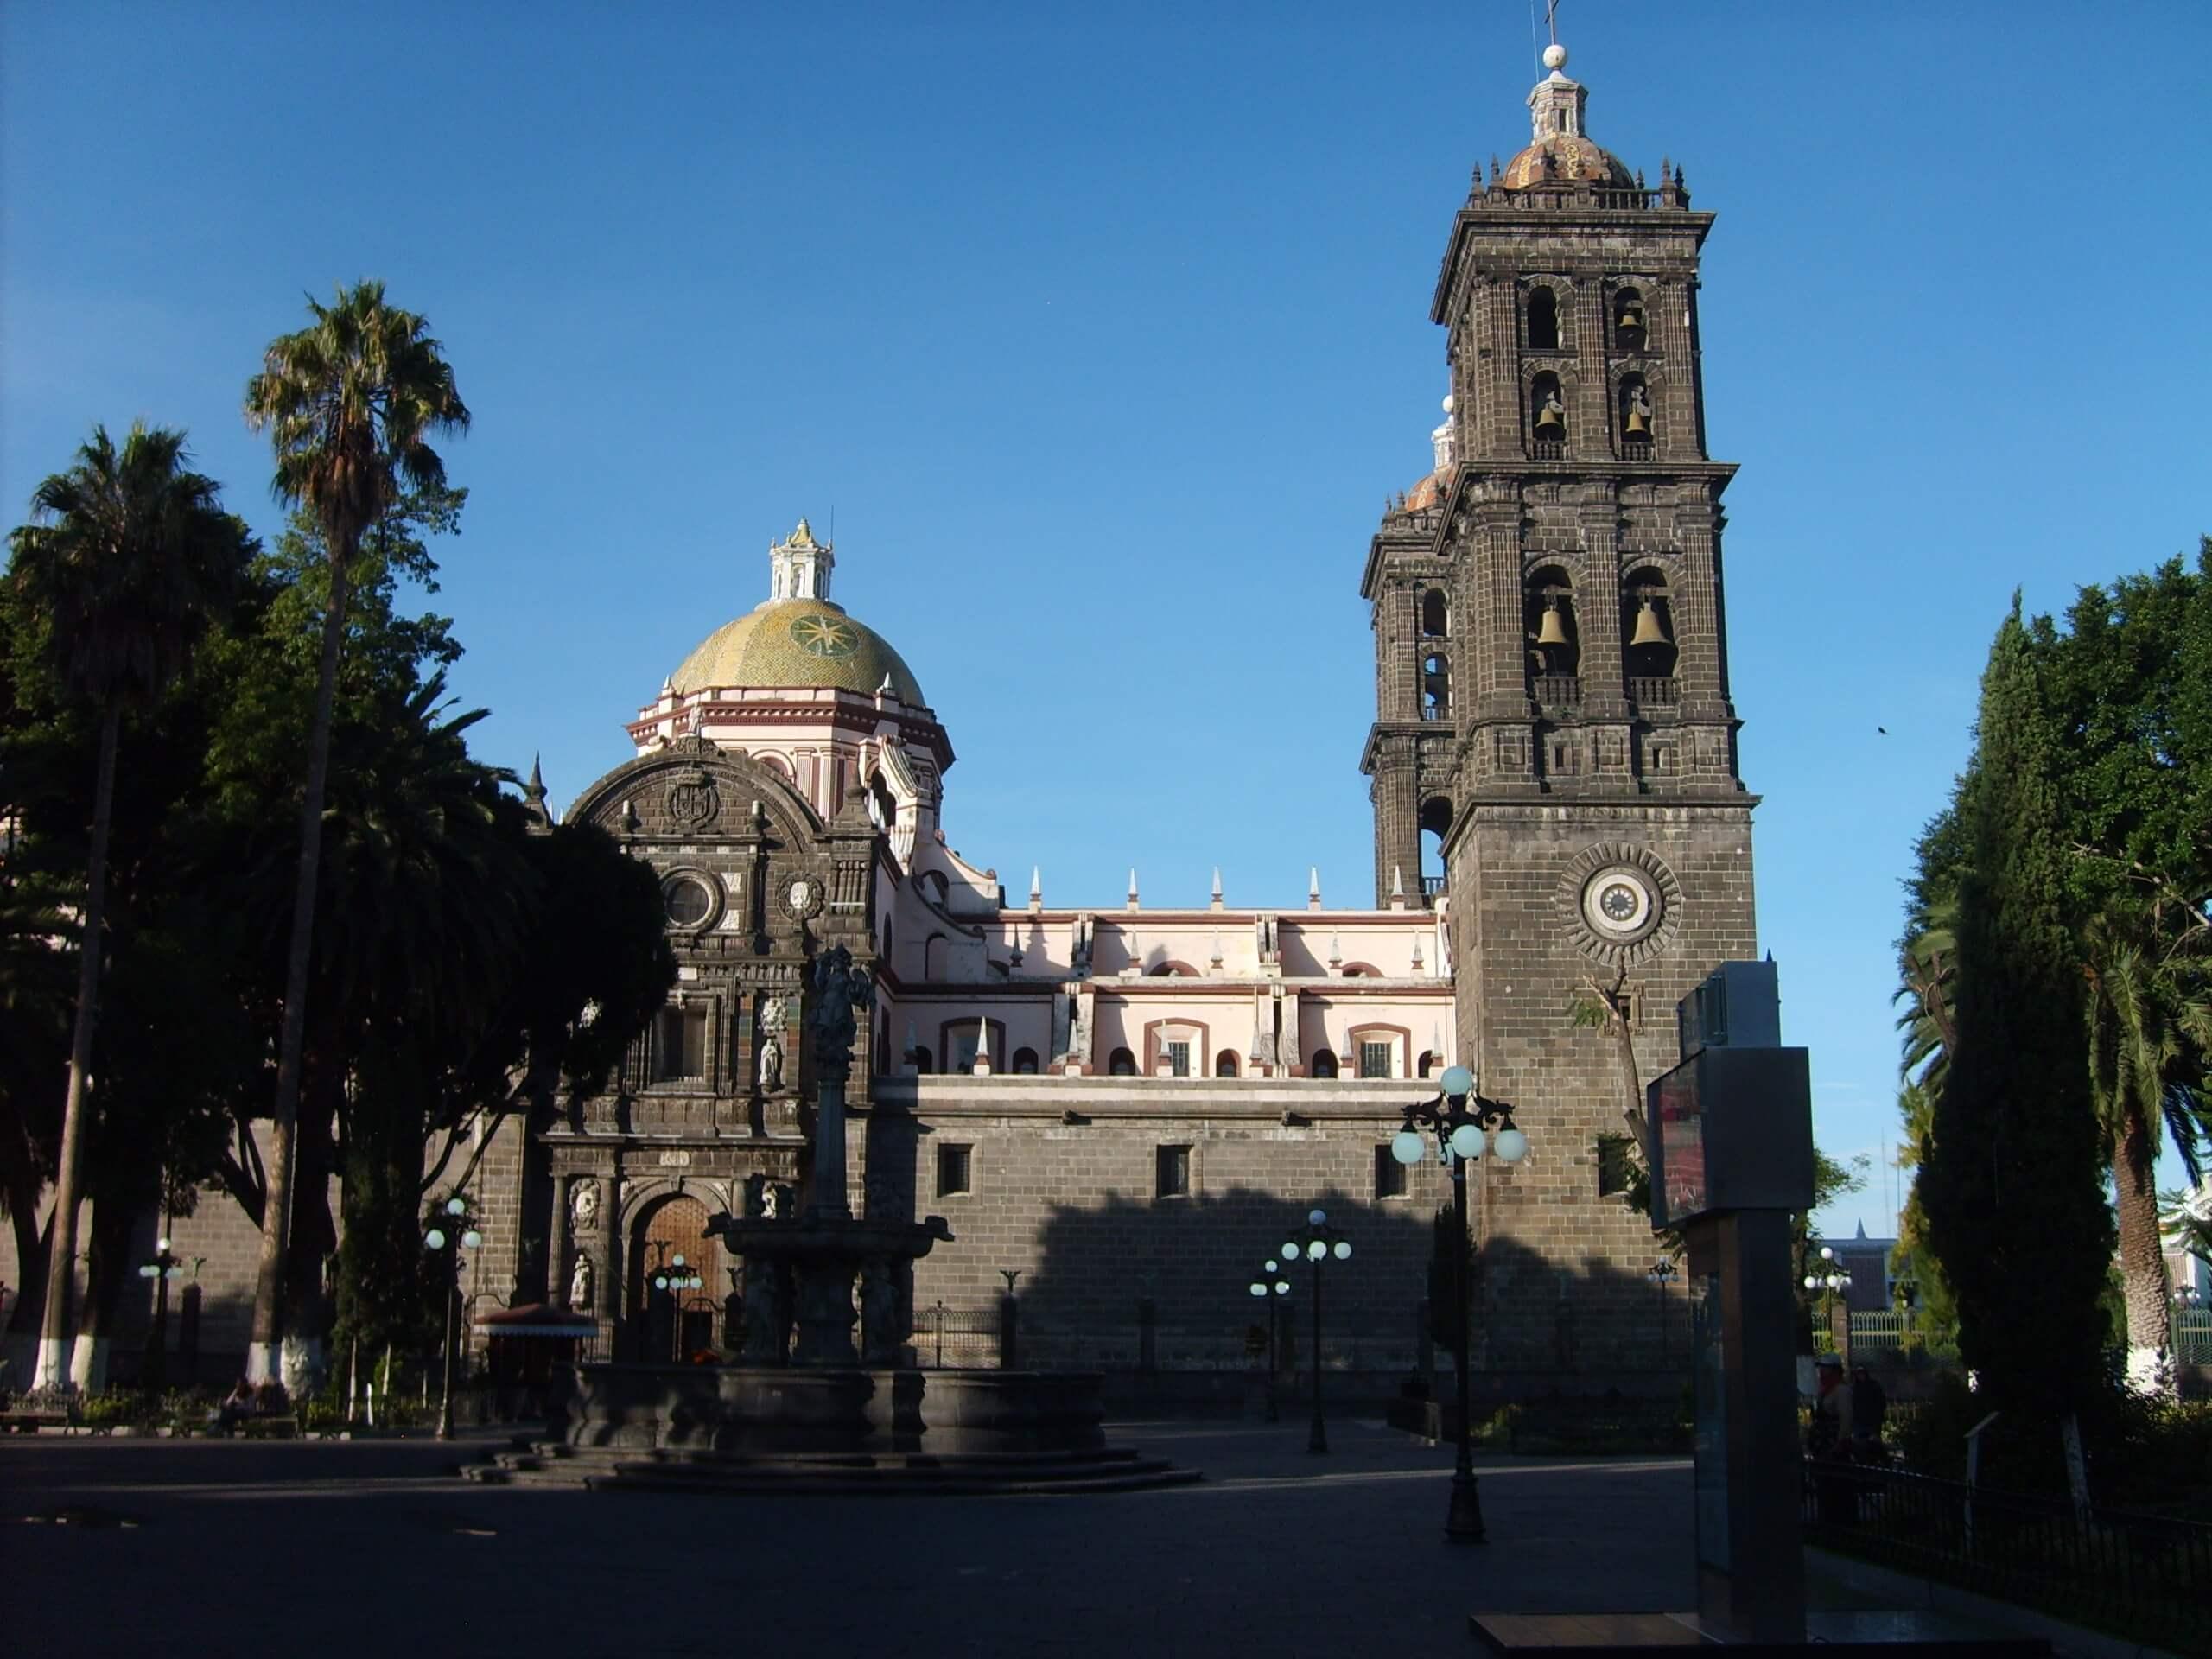 La Catedral de Puebla ocupa el quinto lugar de la lista de las catedrales más altas de México. Foto: Archivo